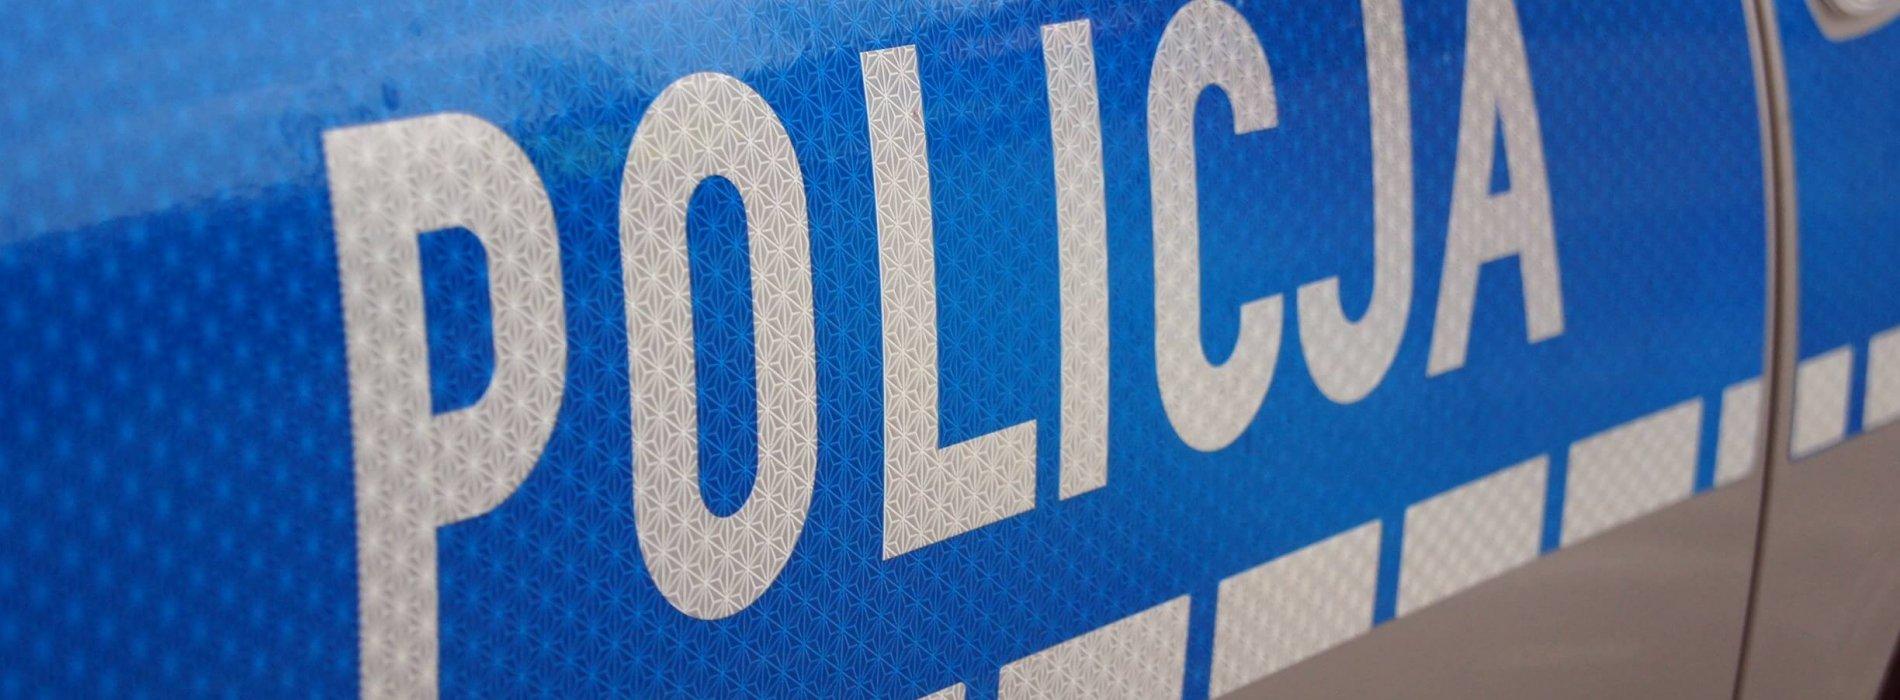 Policjanci z IV Komisariatu Policji w Krakowie zatrzymali 3 osoby podejrzewane o kradzież w taksówce